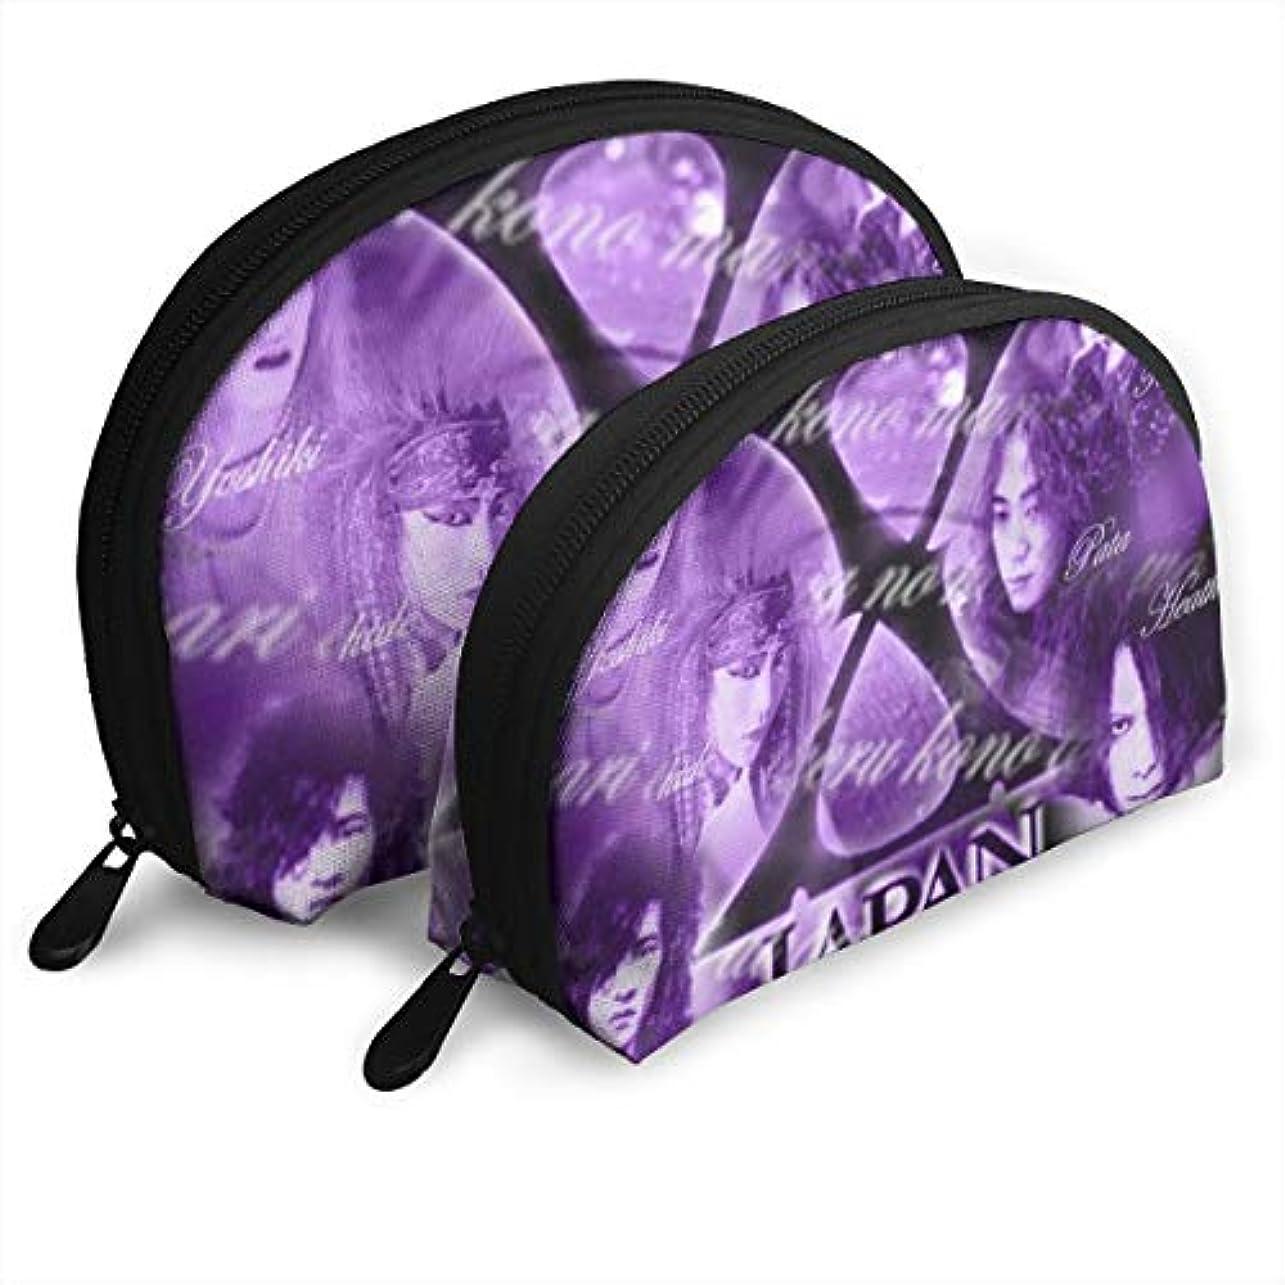 同様の脅迫開業医X-Japan 紫色のスタイル 化粧バッグ セット メイクポーチ 半円仕様 コスメポーチ メイク収納バッグ 小物入れ 出張 旅行メイクバッグ可愛い 男女兼用 プレゼント